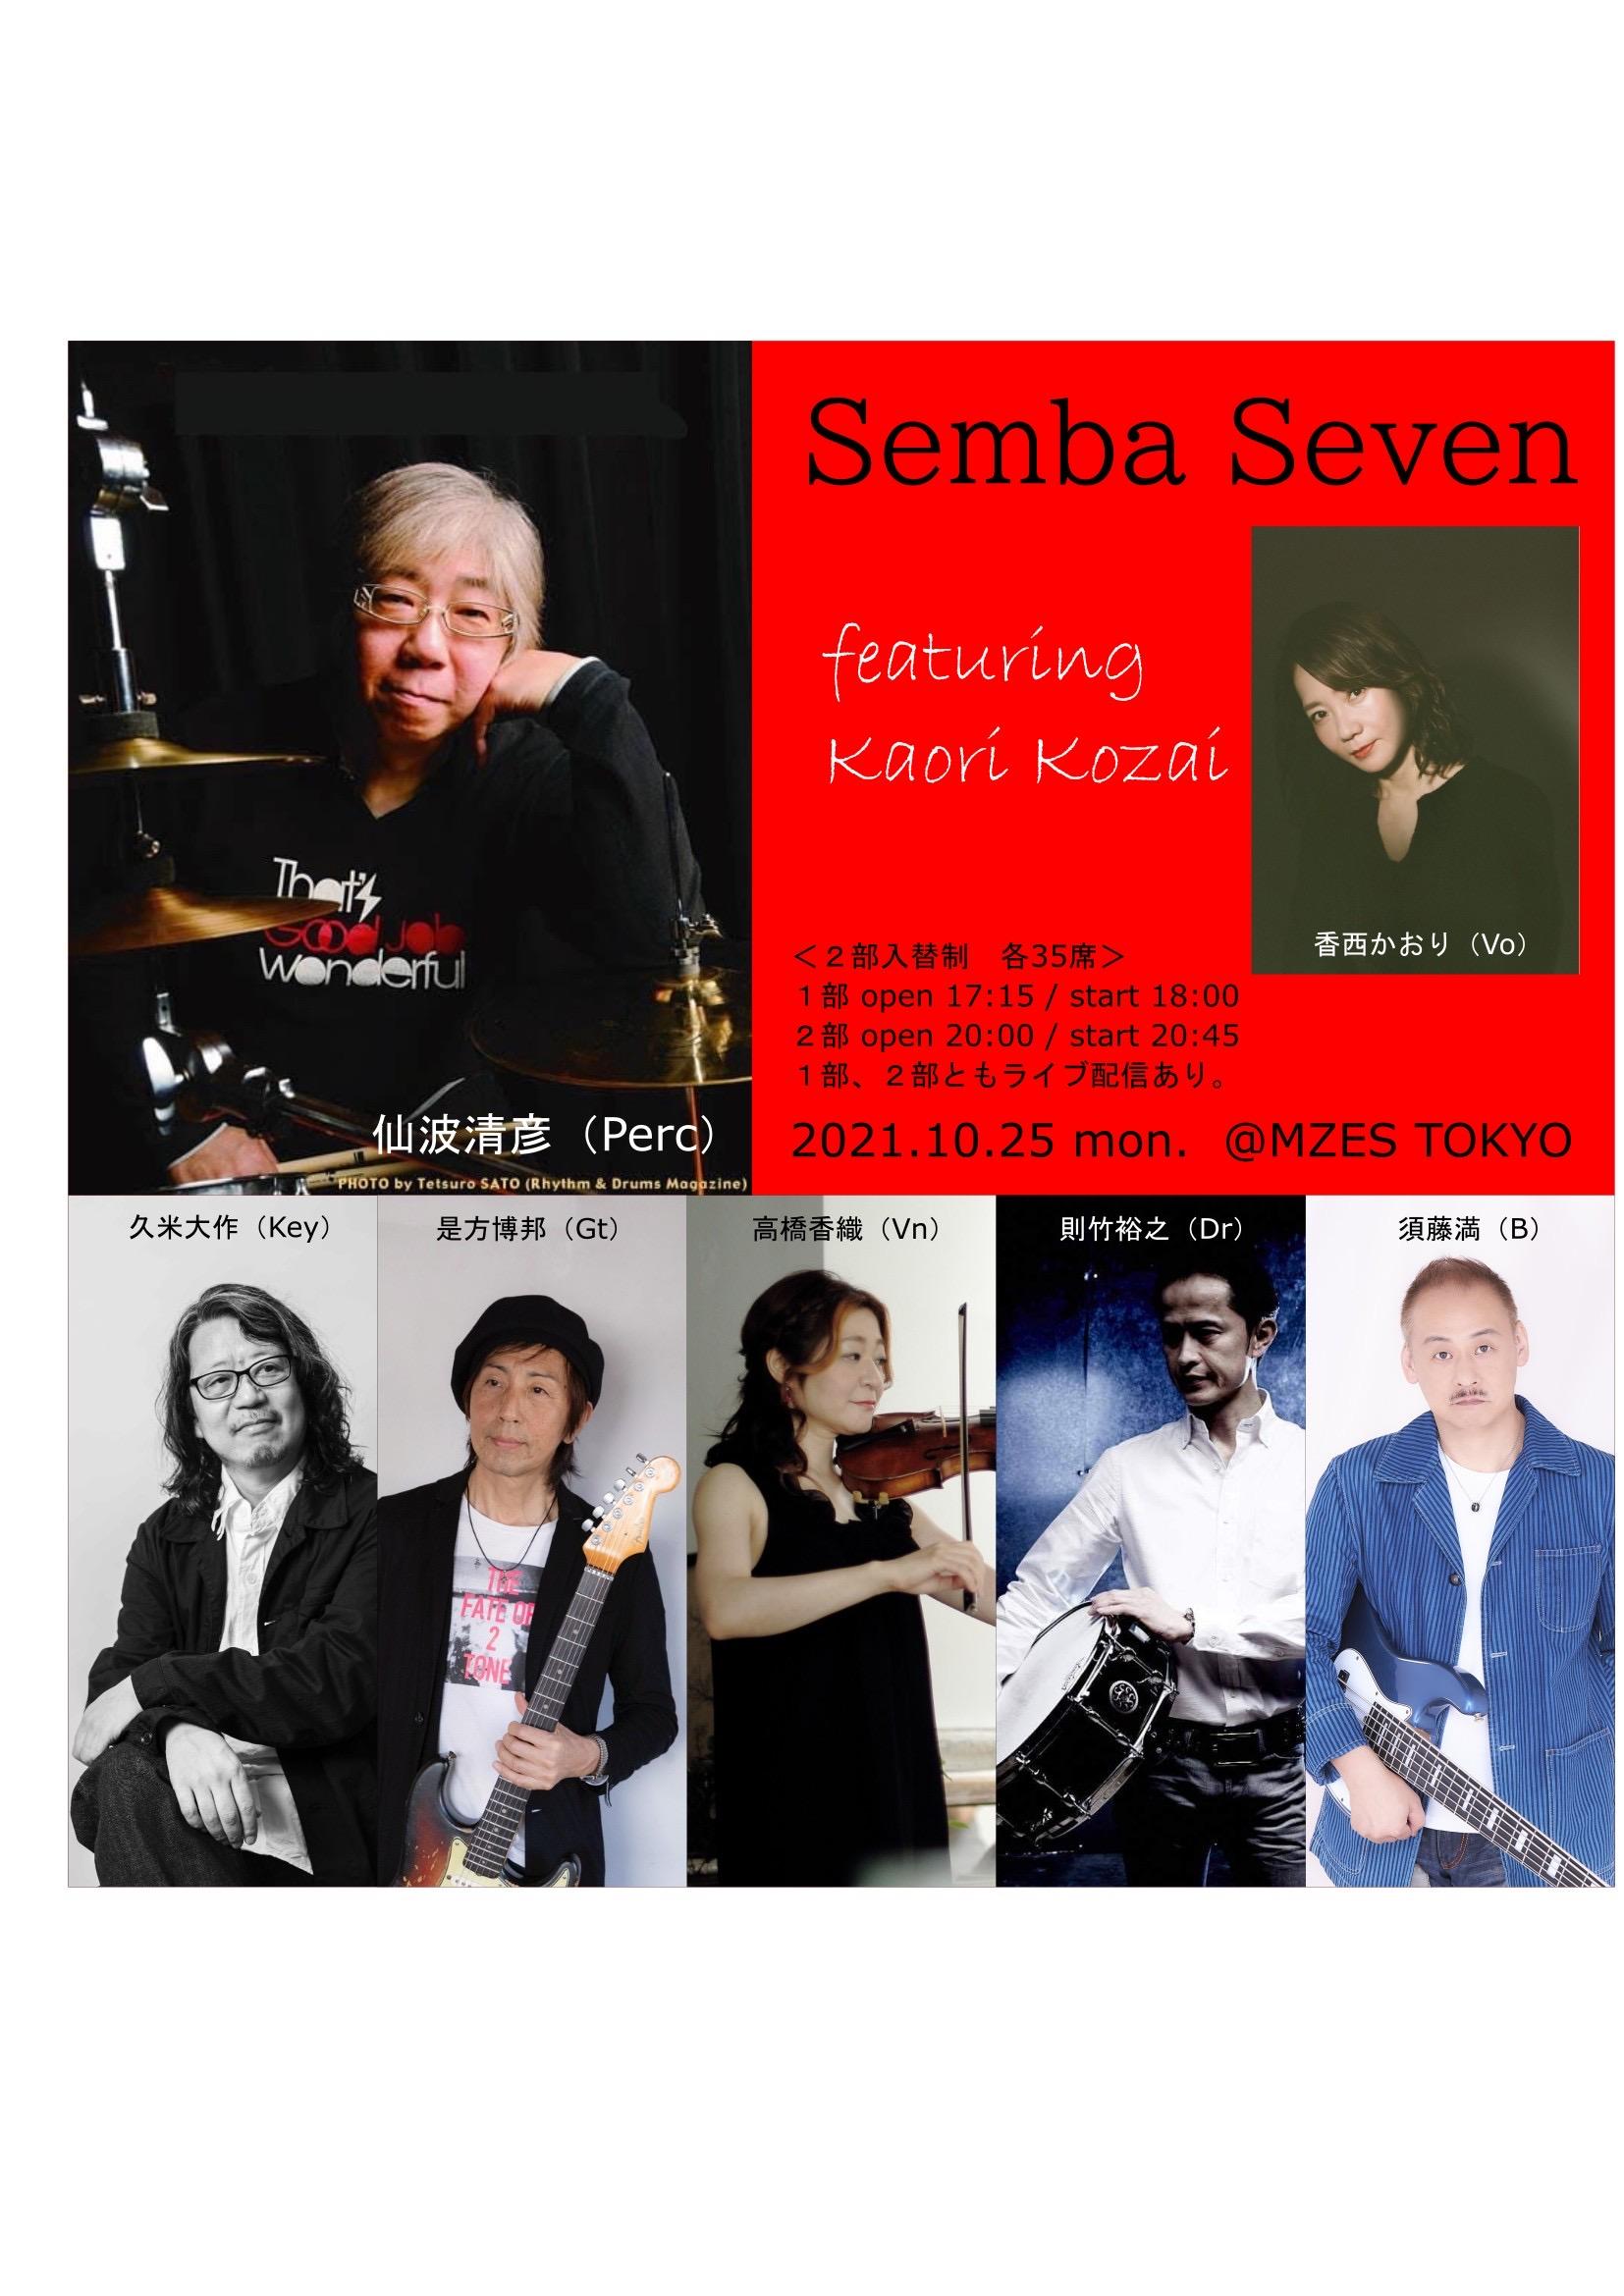 【2部配信チケット】Semba Seven featuring Kaori Kozai